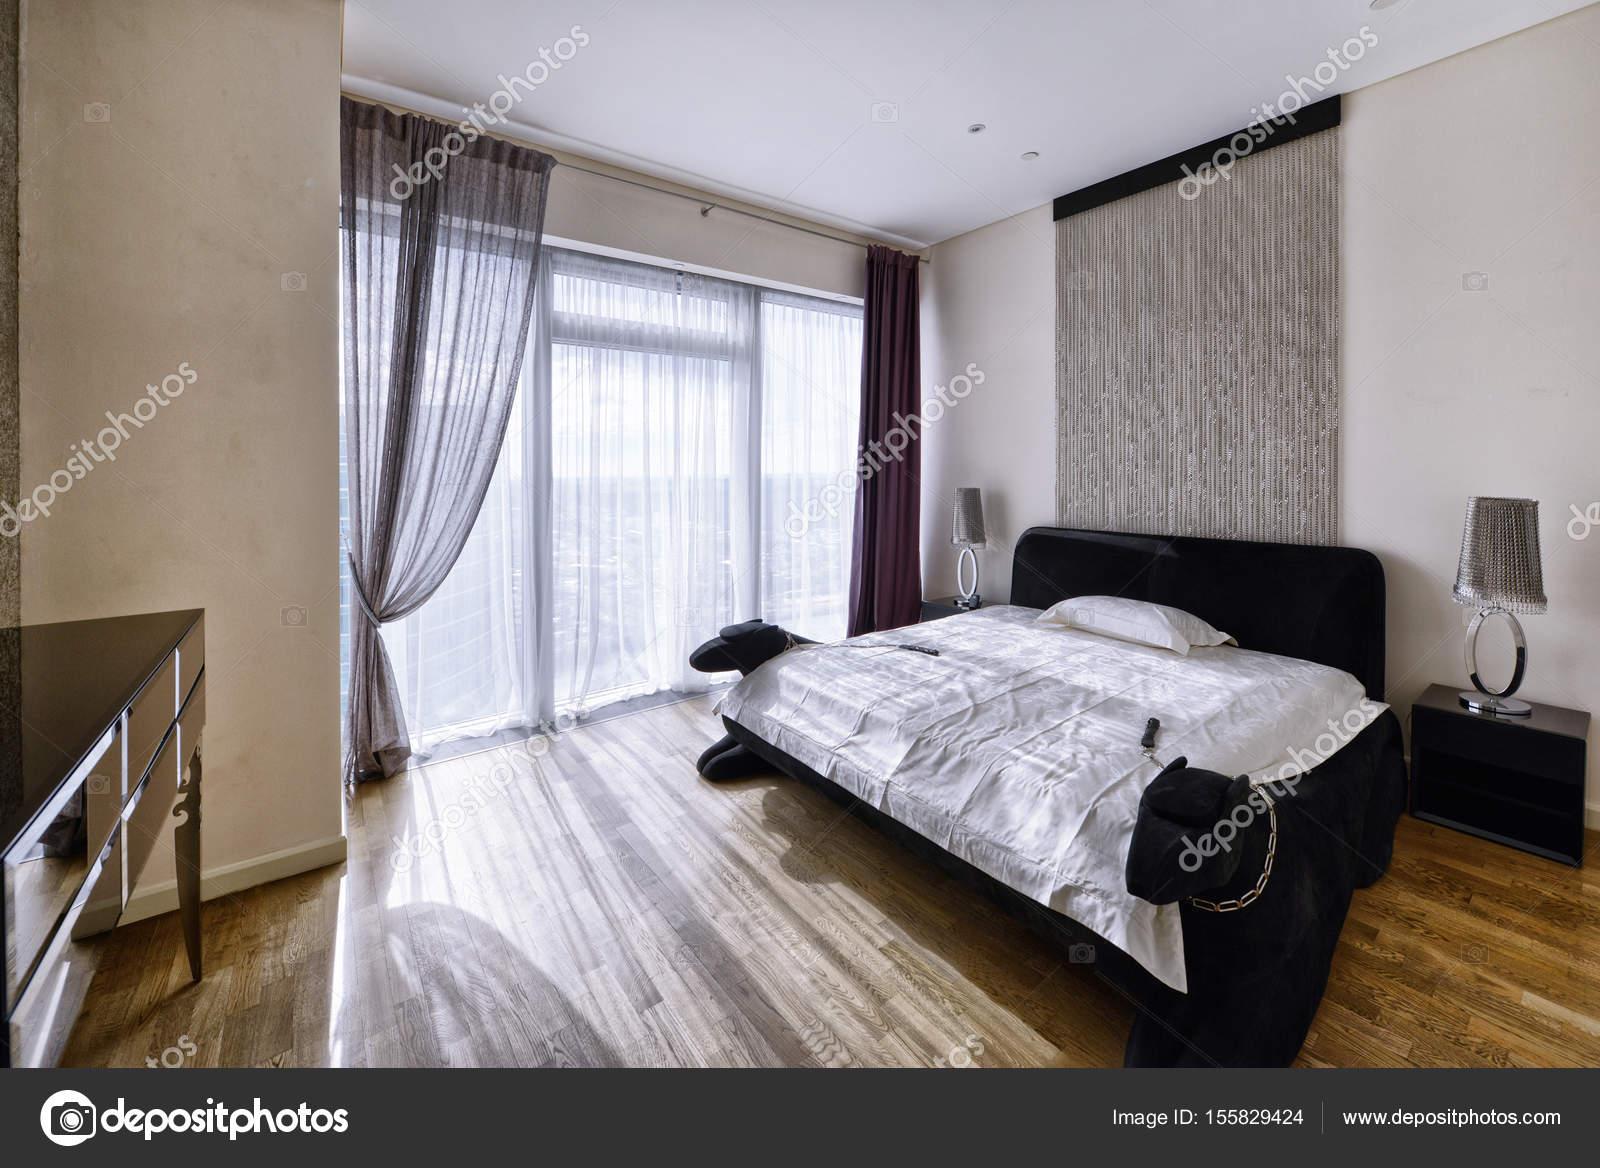 Raumgestaltung Schlafzimmer — Stockfoto © ovchinnikovfoto #155829424